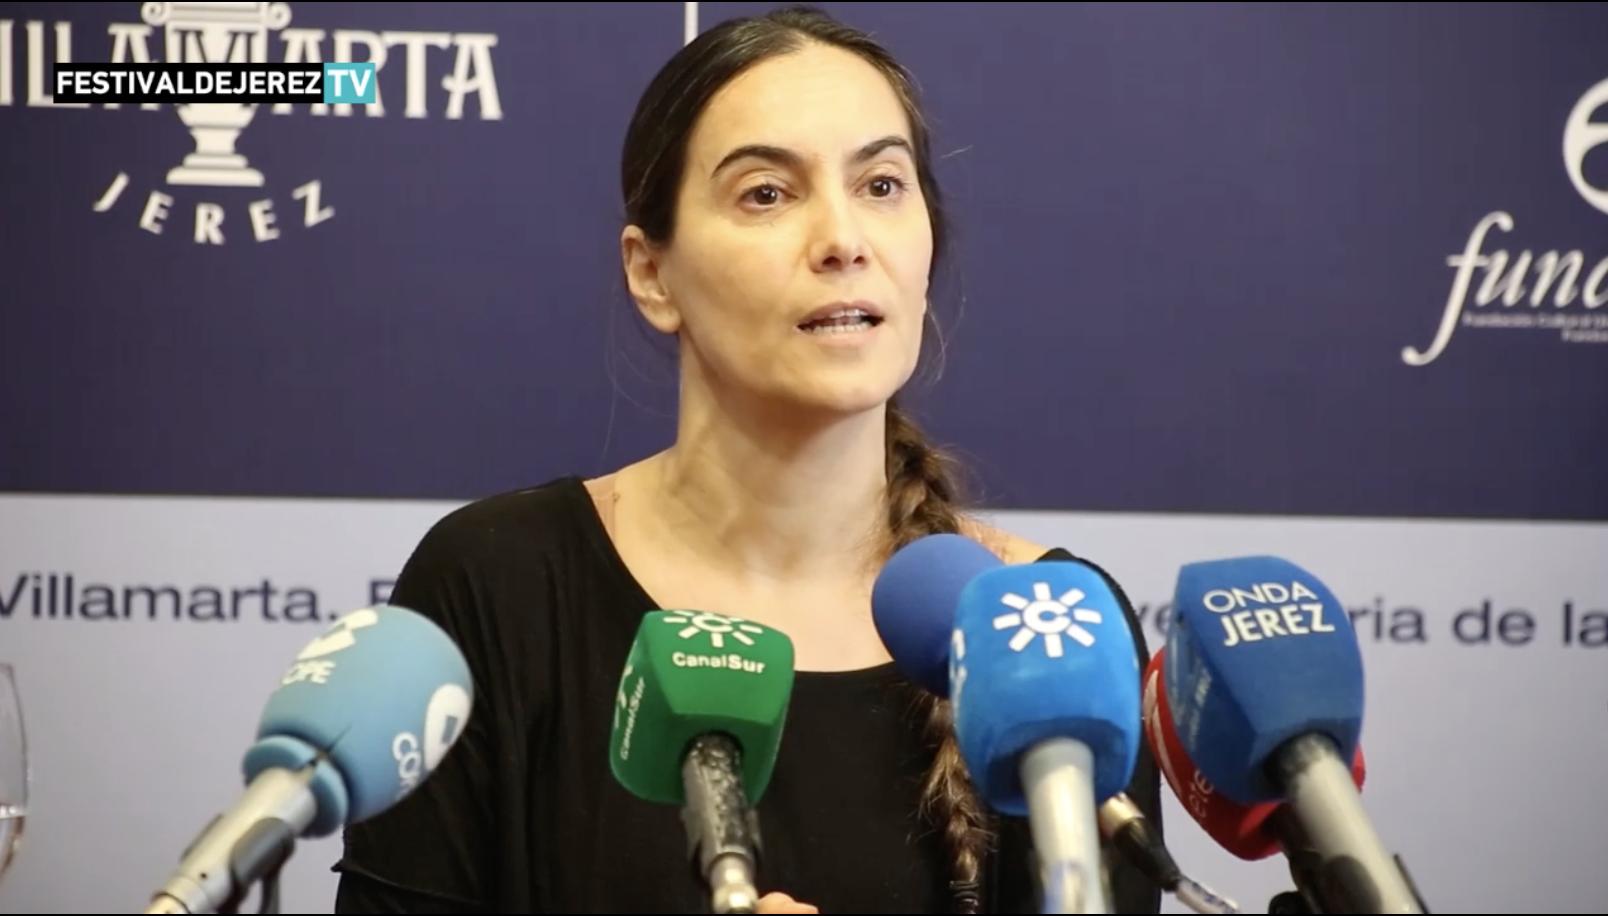 Rafaela Carrasco abre el Festival de Jerez con el estreno de 'Ariadna (Al hilo del mito)'